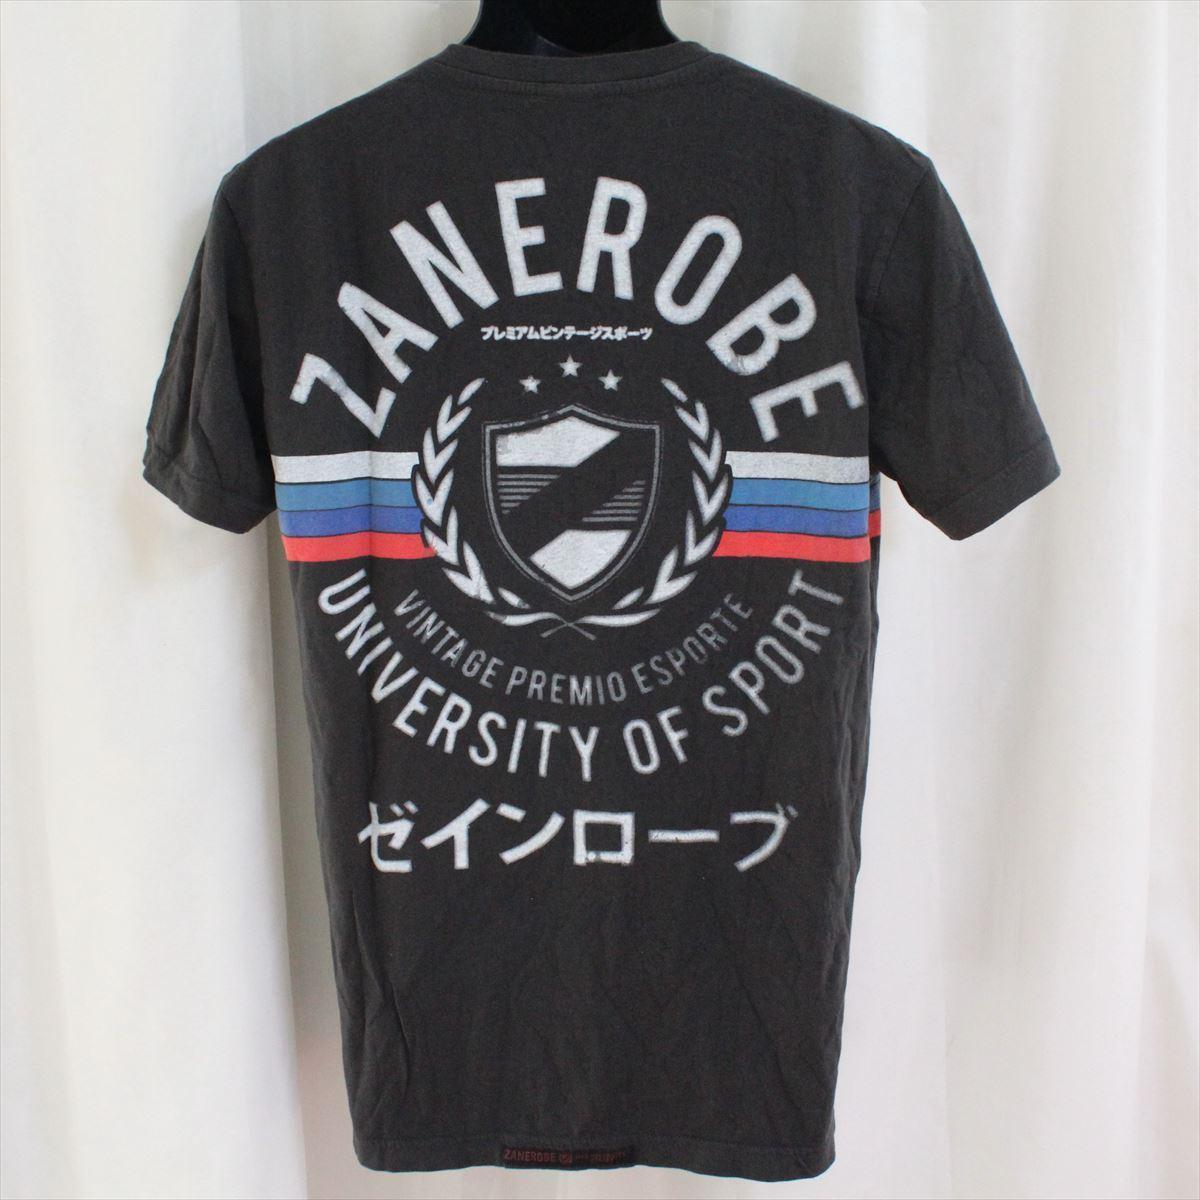 ゼインローブ ZANEROBE メンズ半袖VネックTシャツ ブラック Mサイズ NO62 新品_画像3